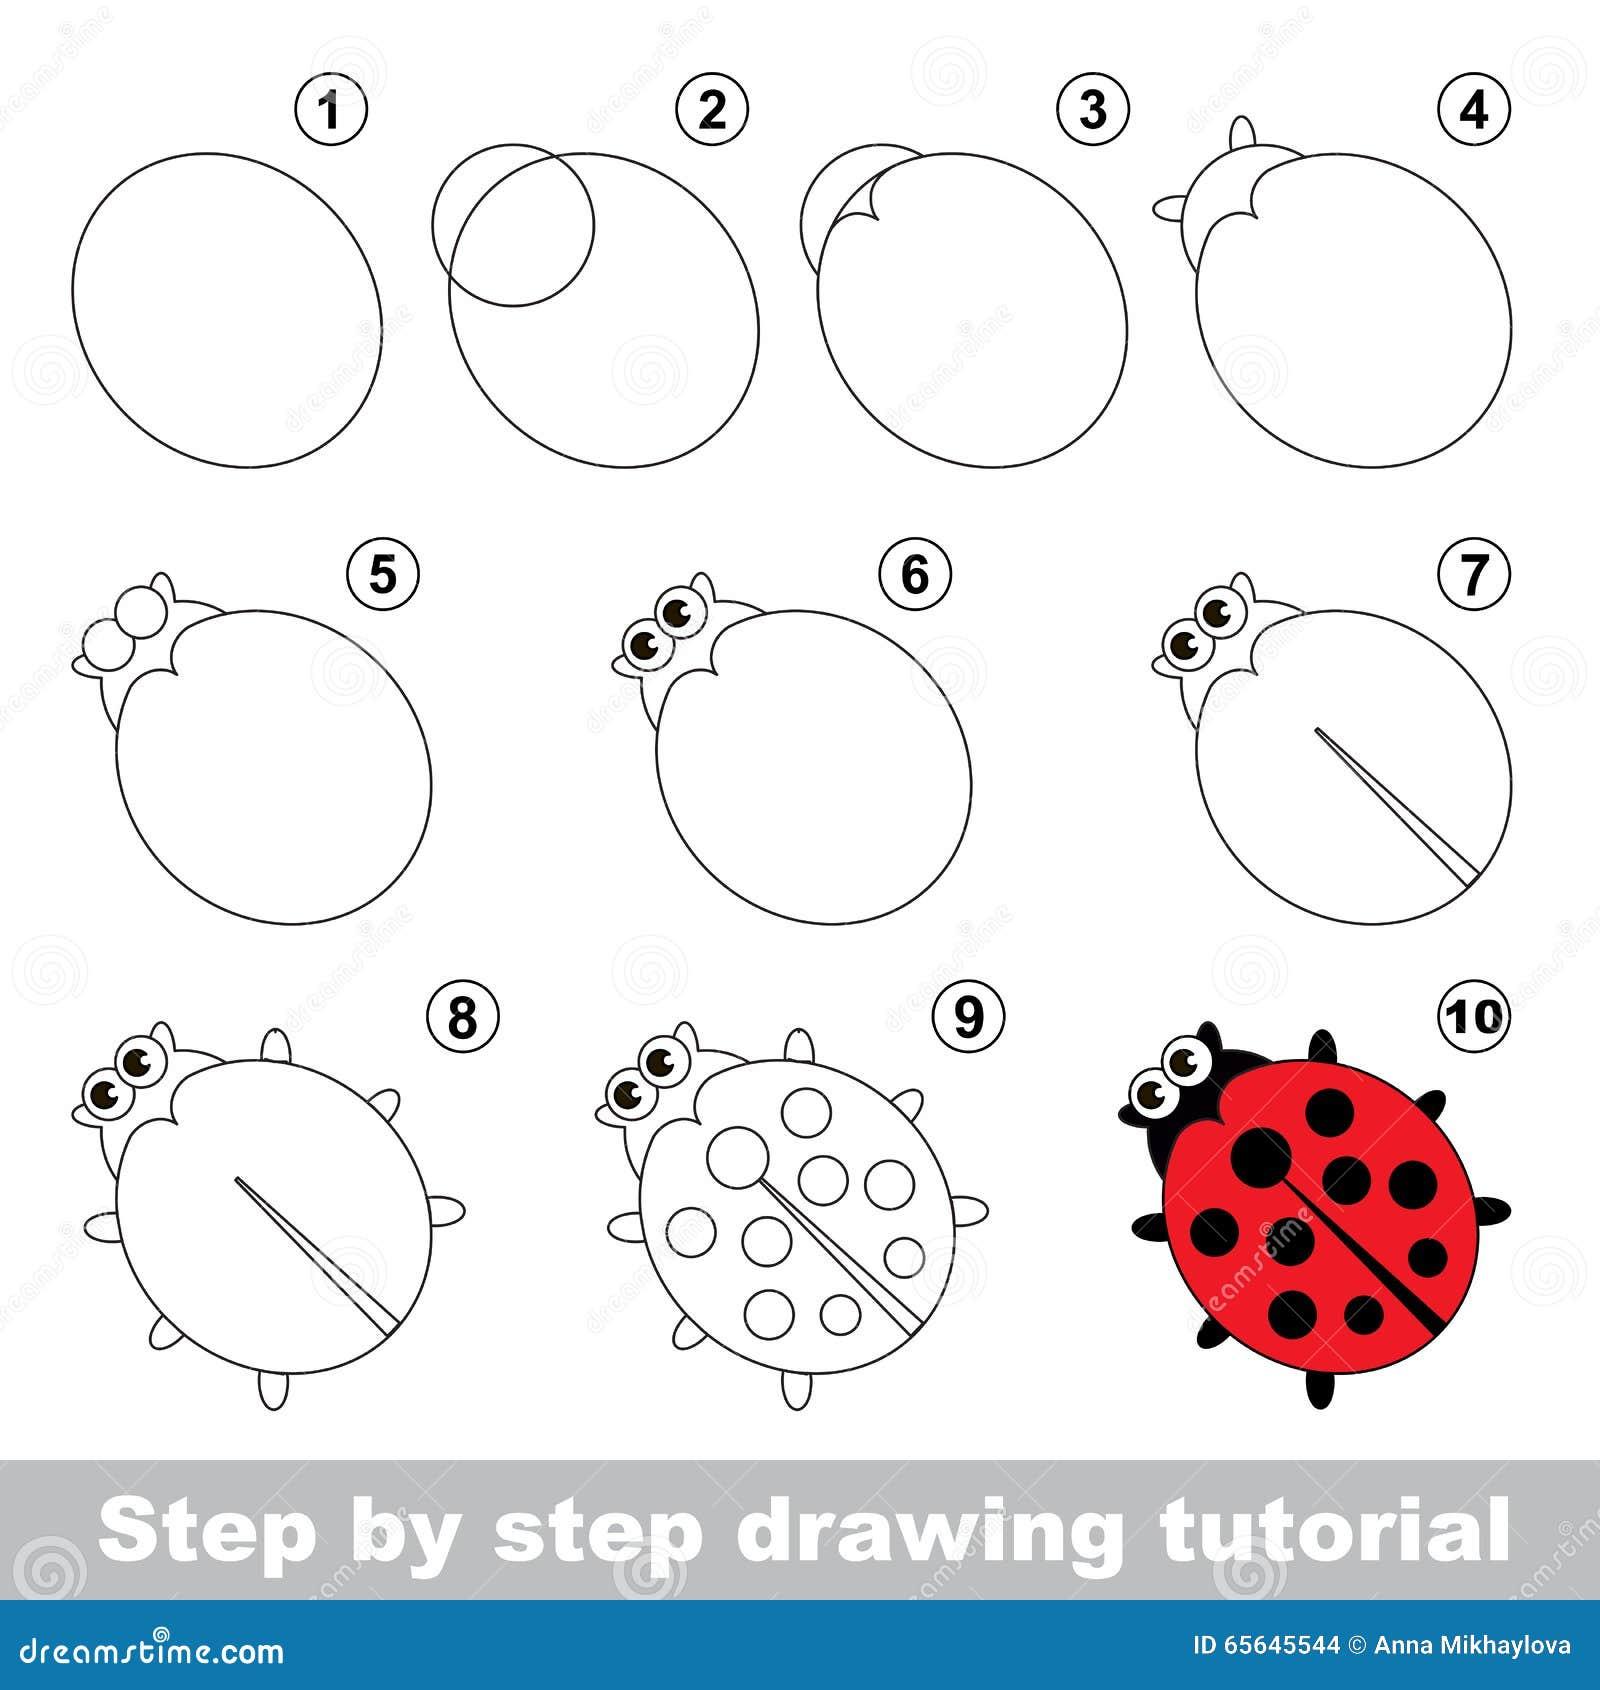 Roter marienk fer zeichnendes tutorium vektor abbildung - Dessiner une coccinelle ...